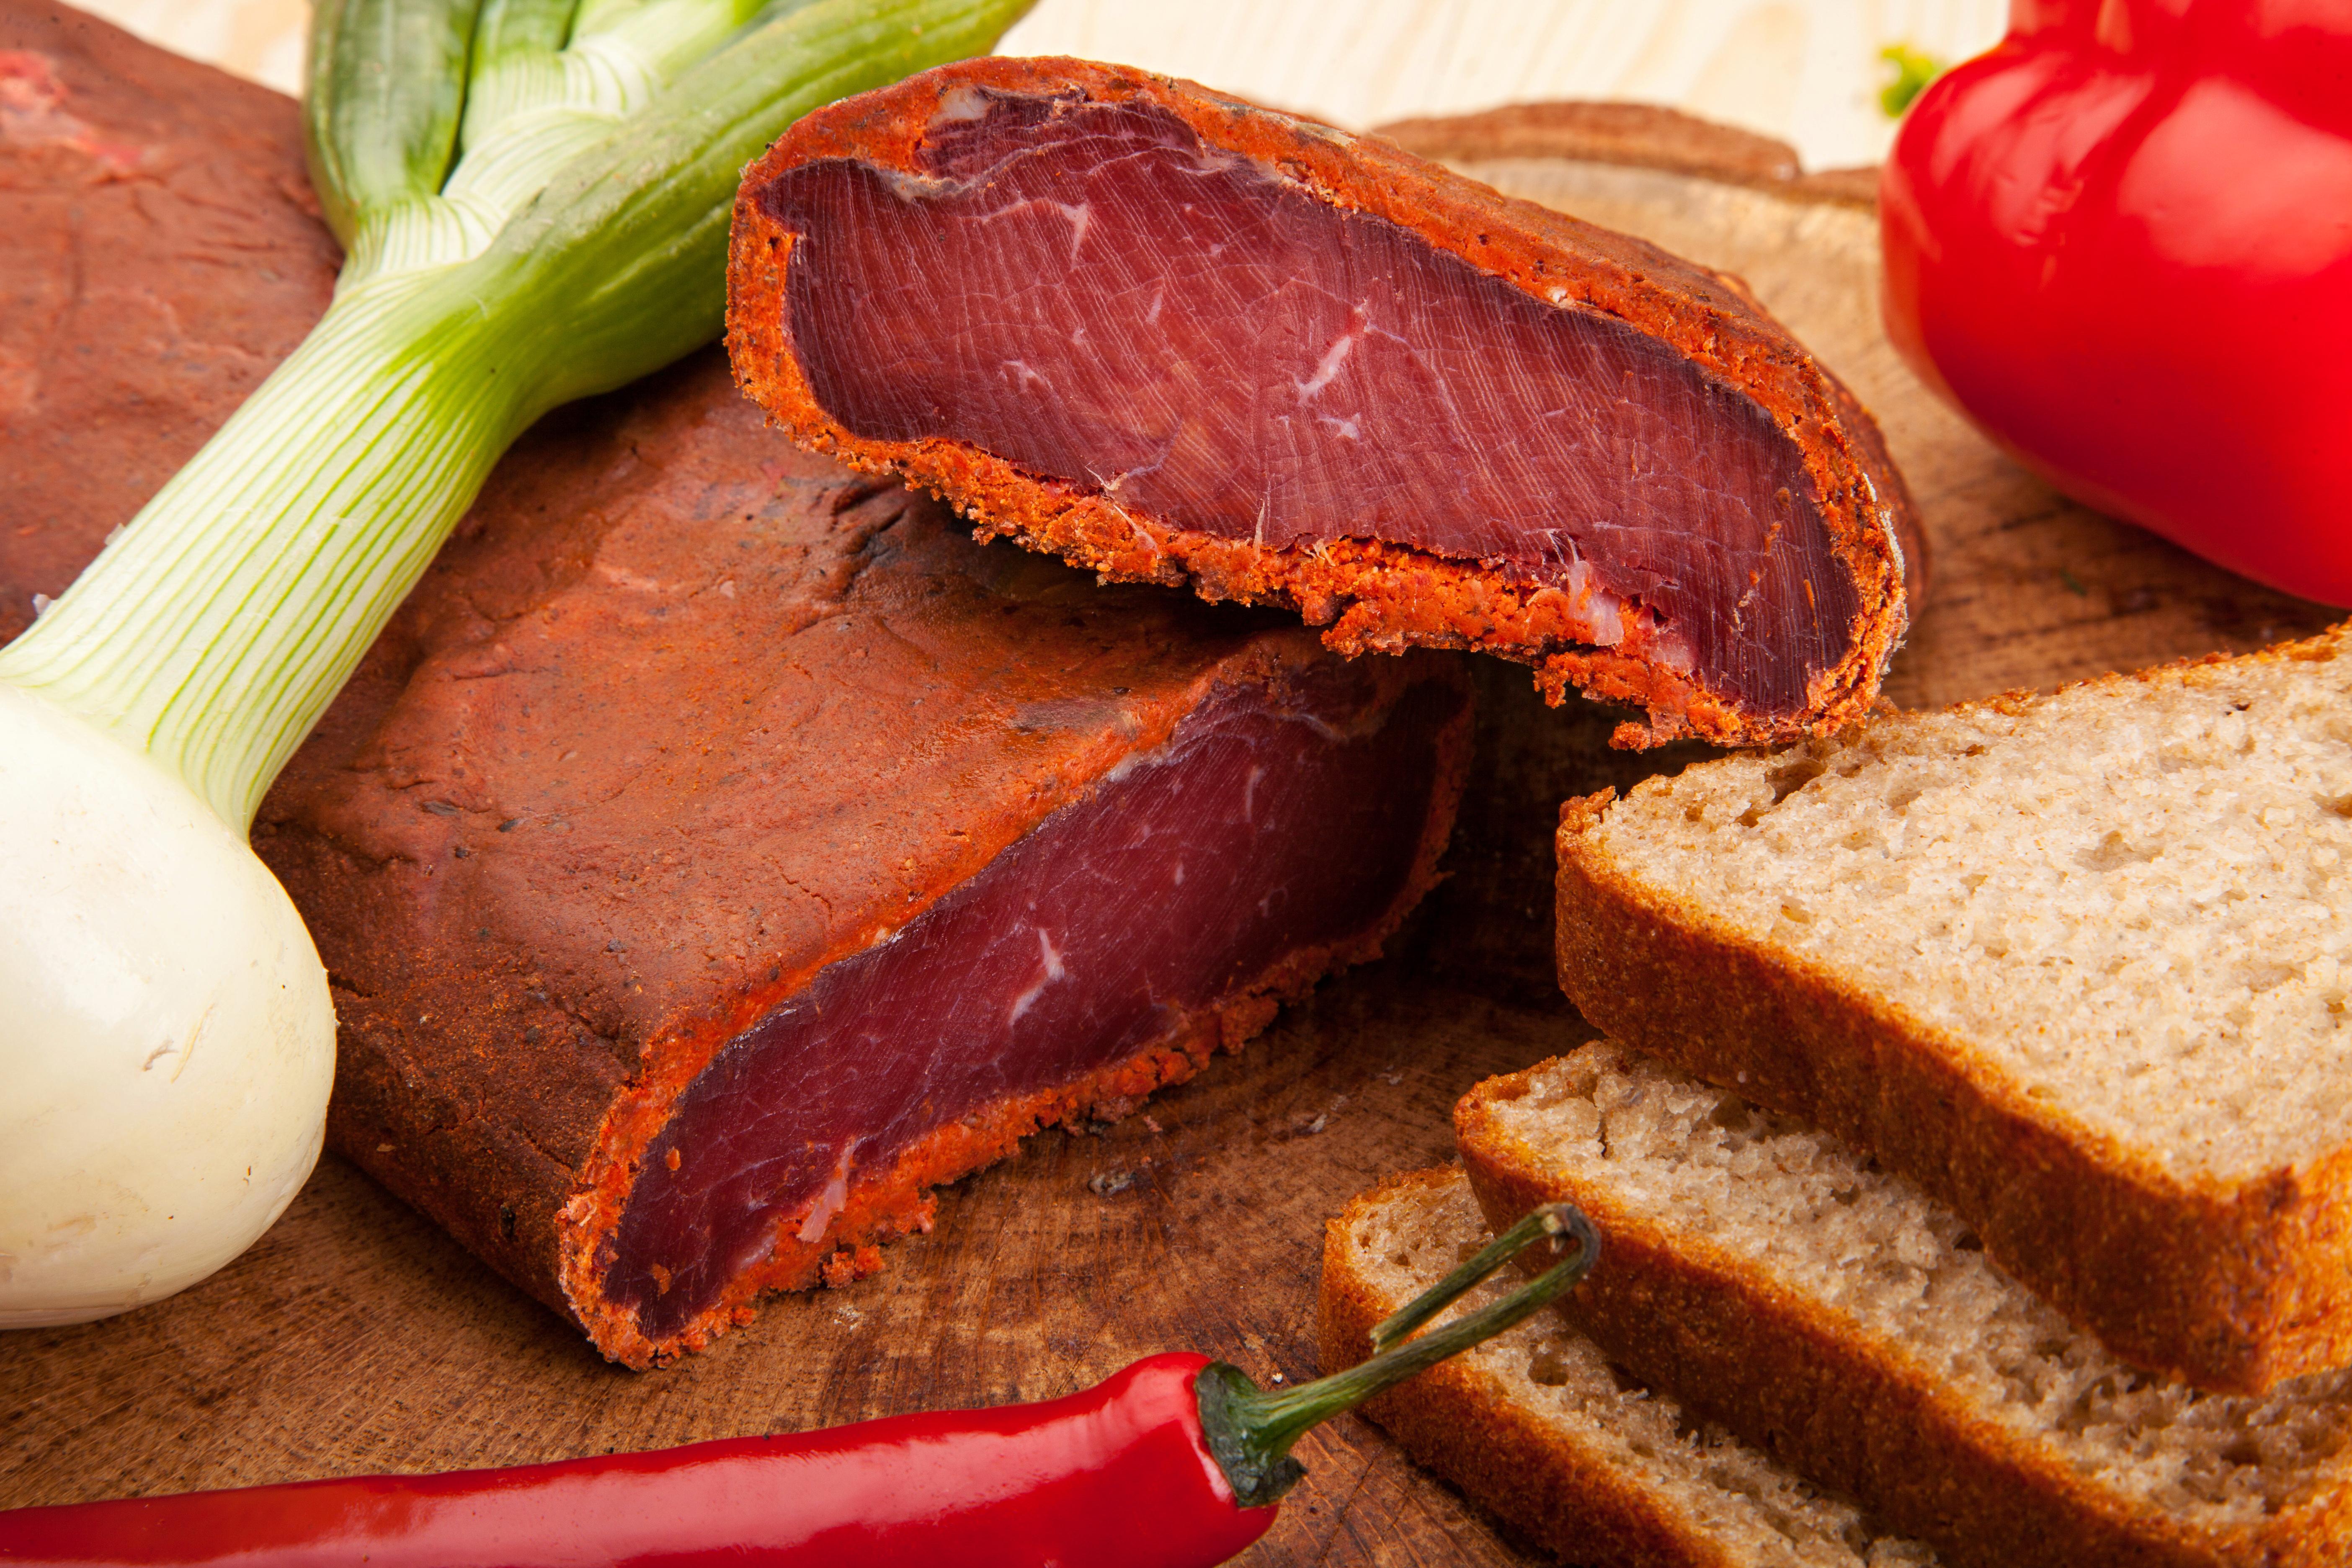 Bilder Zwiebel Brot Schinken Lebensmittel Fleischwaren